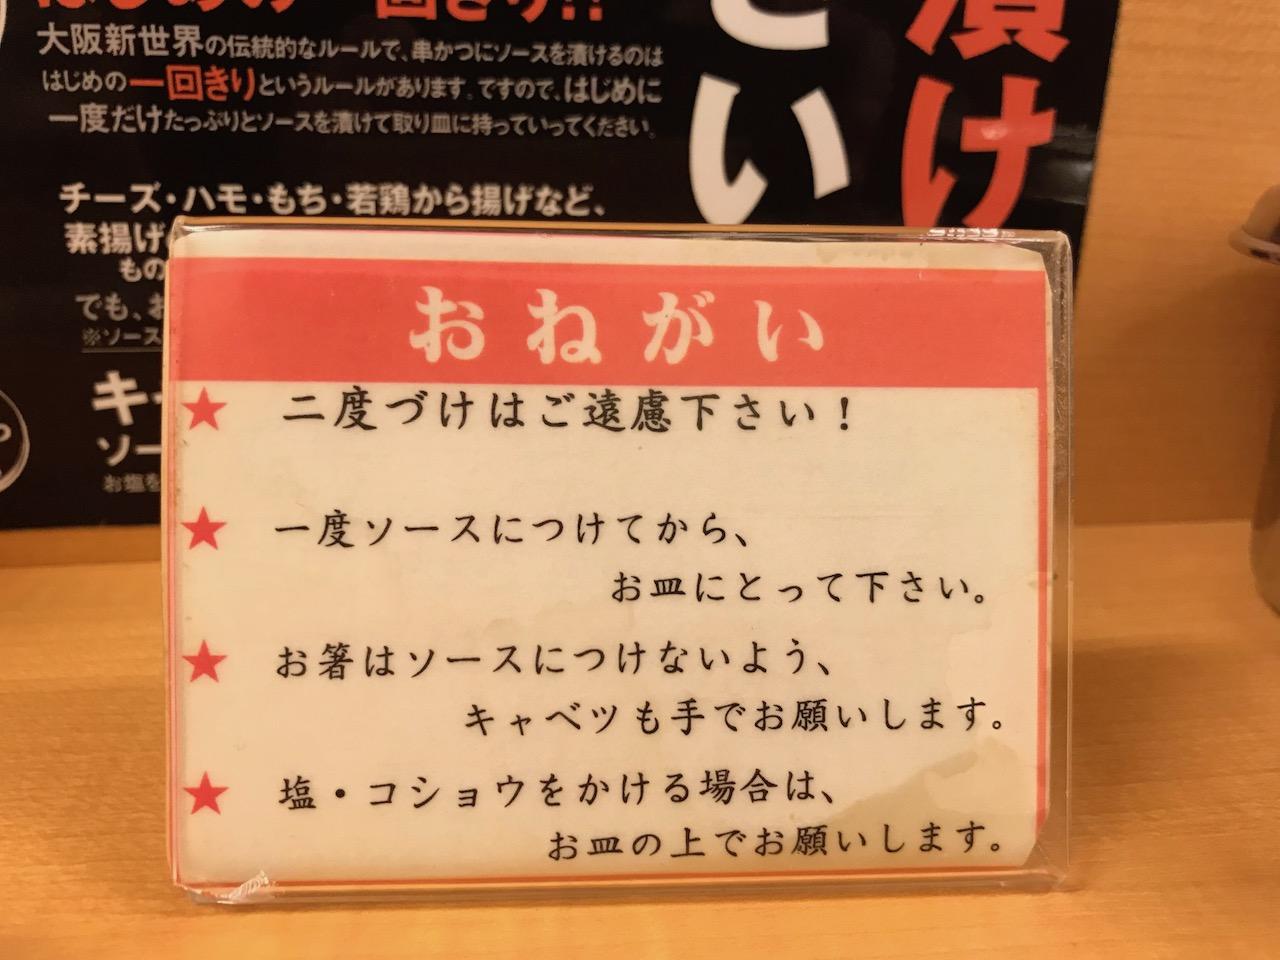 新世界から姫路魚町までやってきた「串かつ だるま」が激安ランチやっていた!